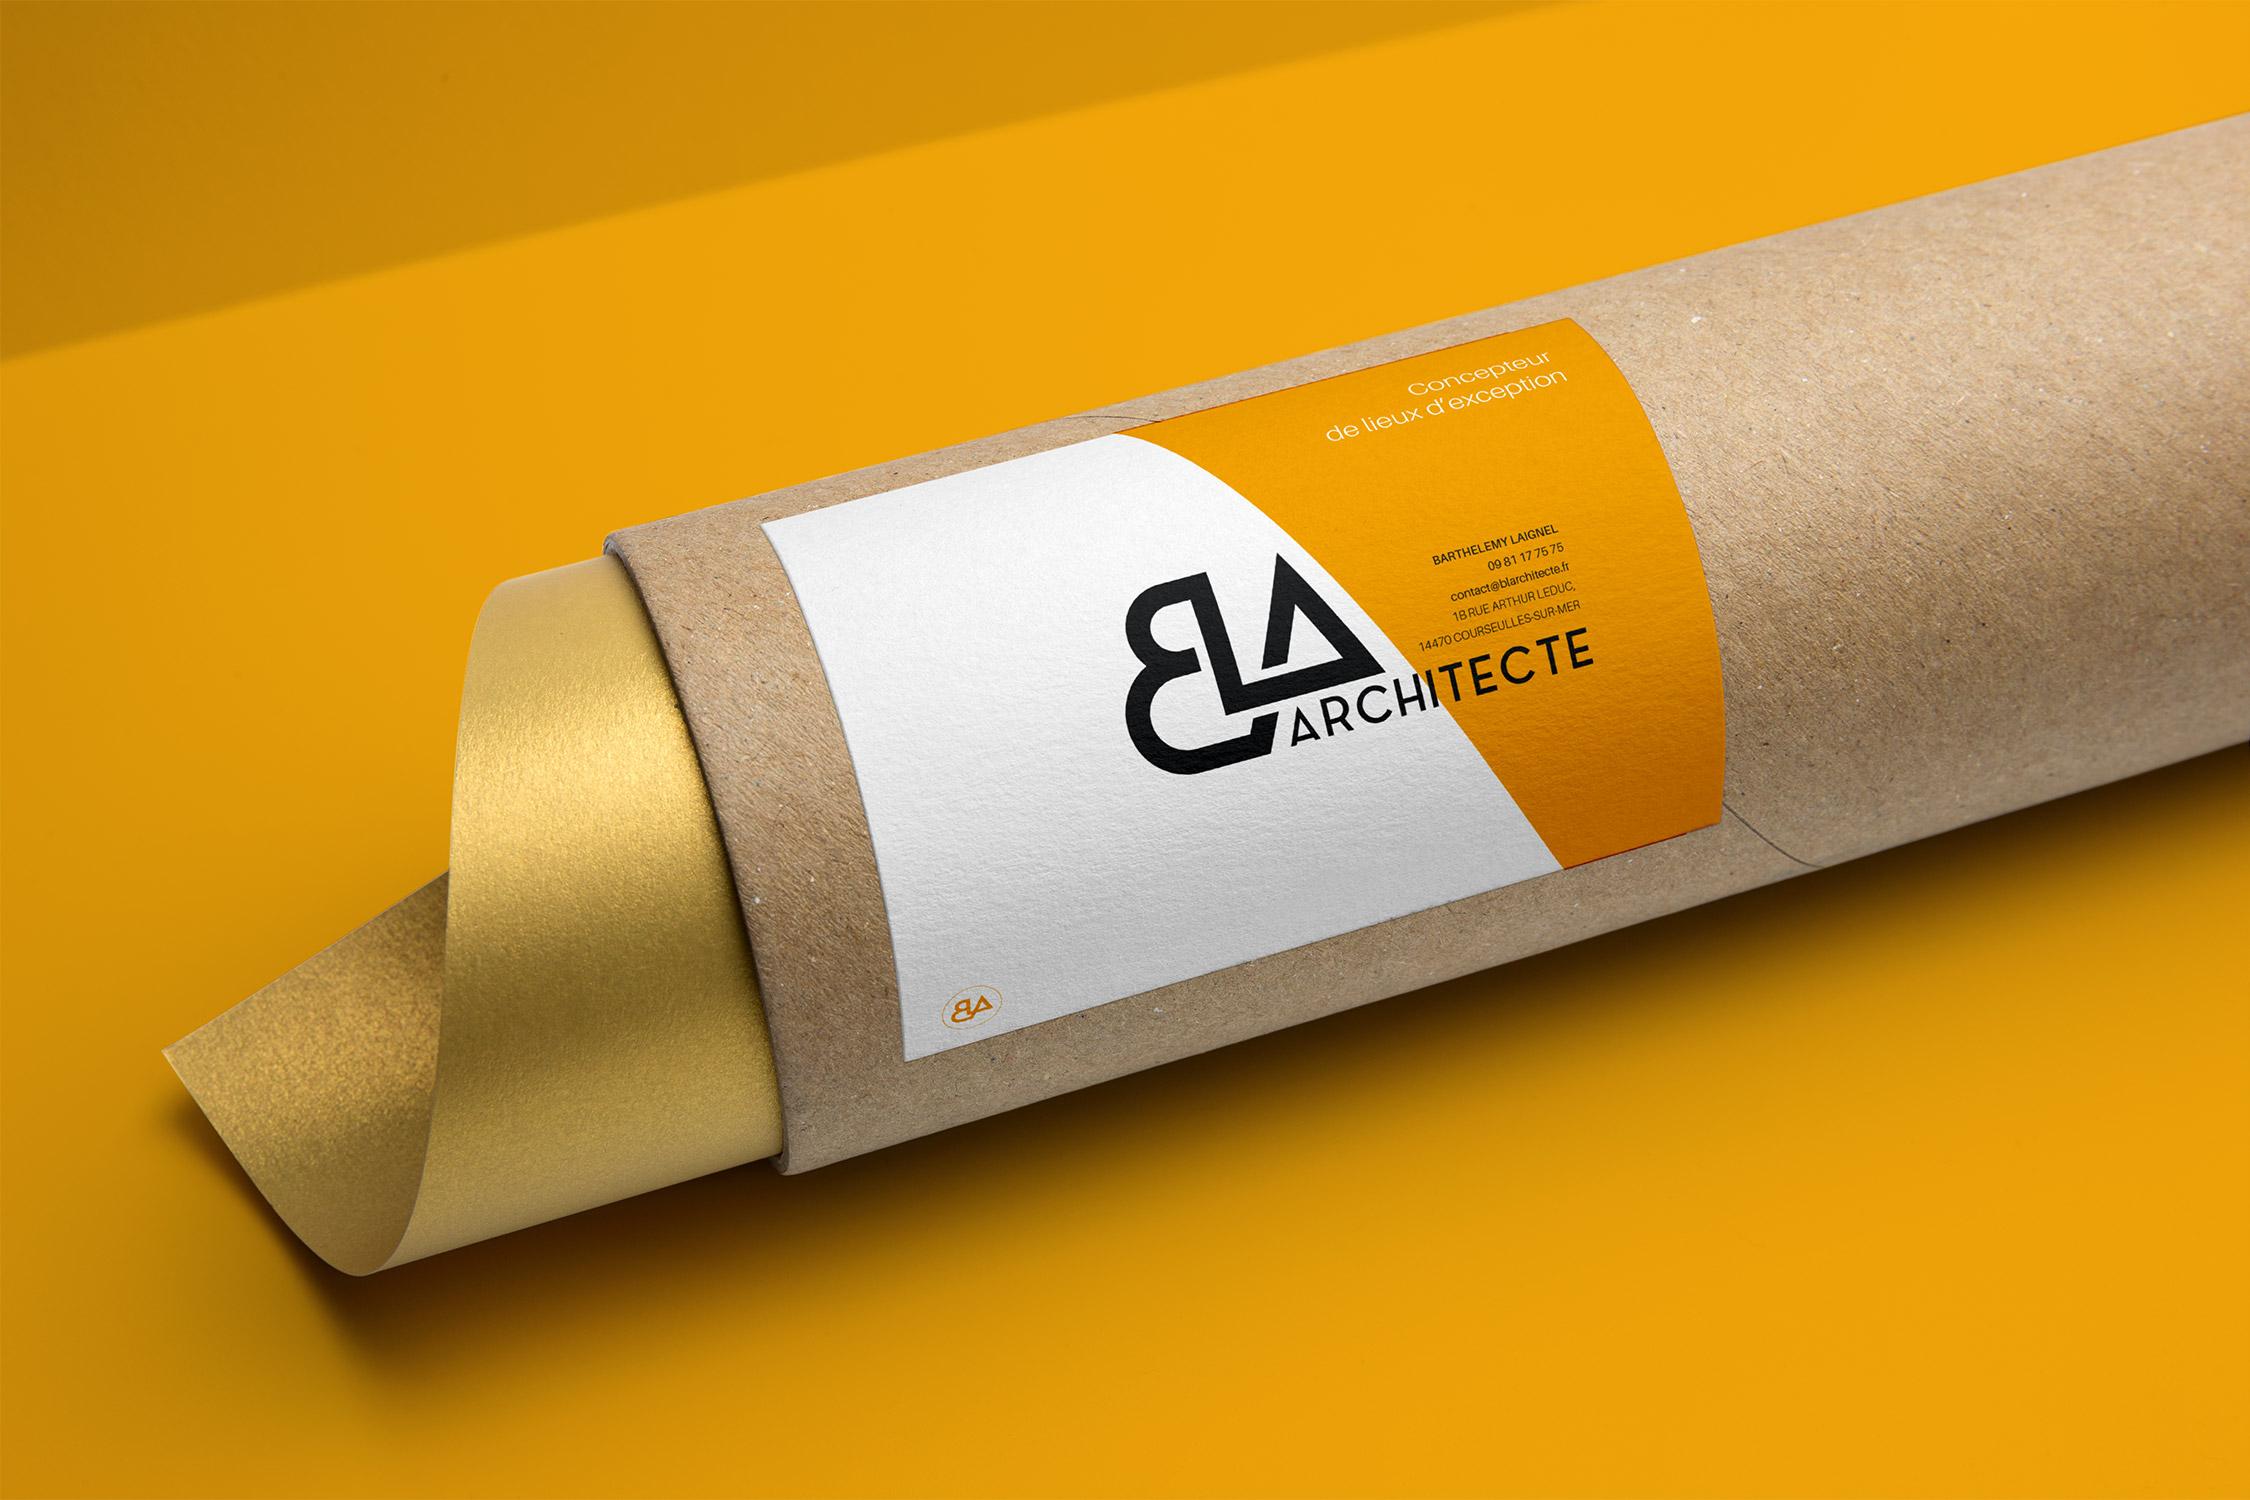 Tube BLA Architecte